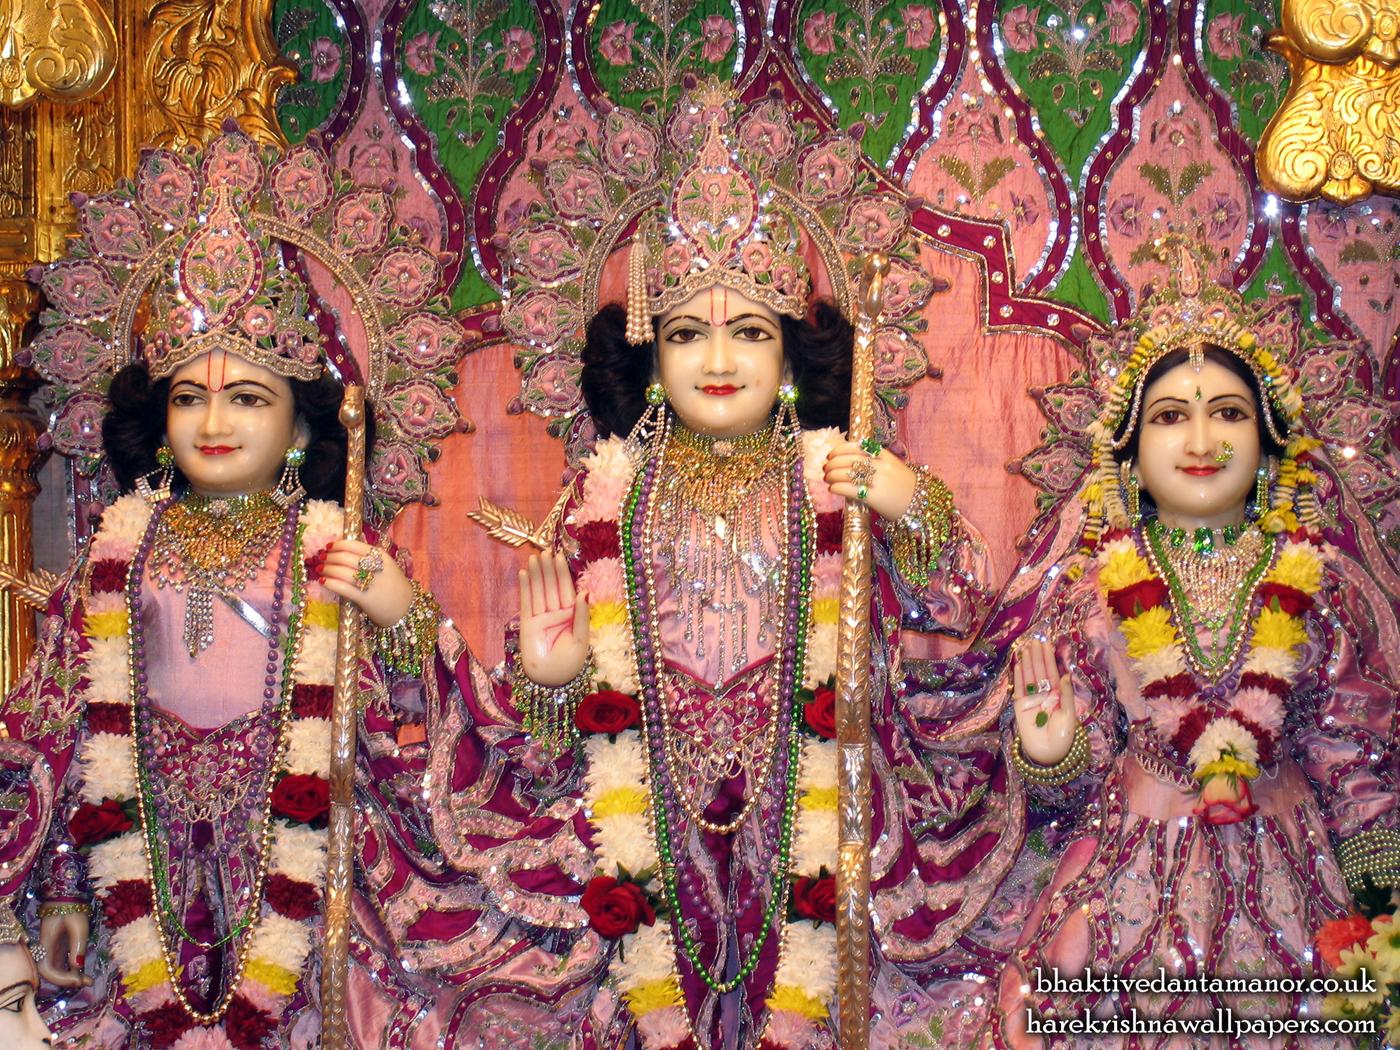 Sri Sri Sita Rama Laxman Close up Wallpaper (003) Size 1400x1050 Download